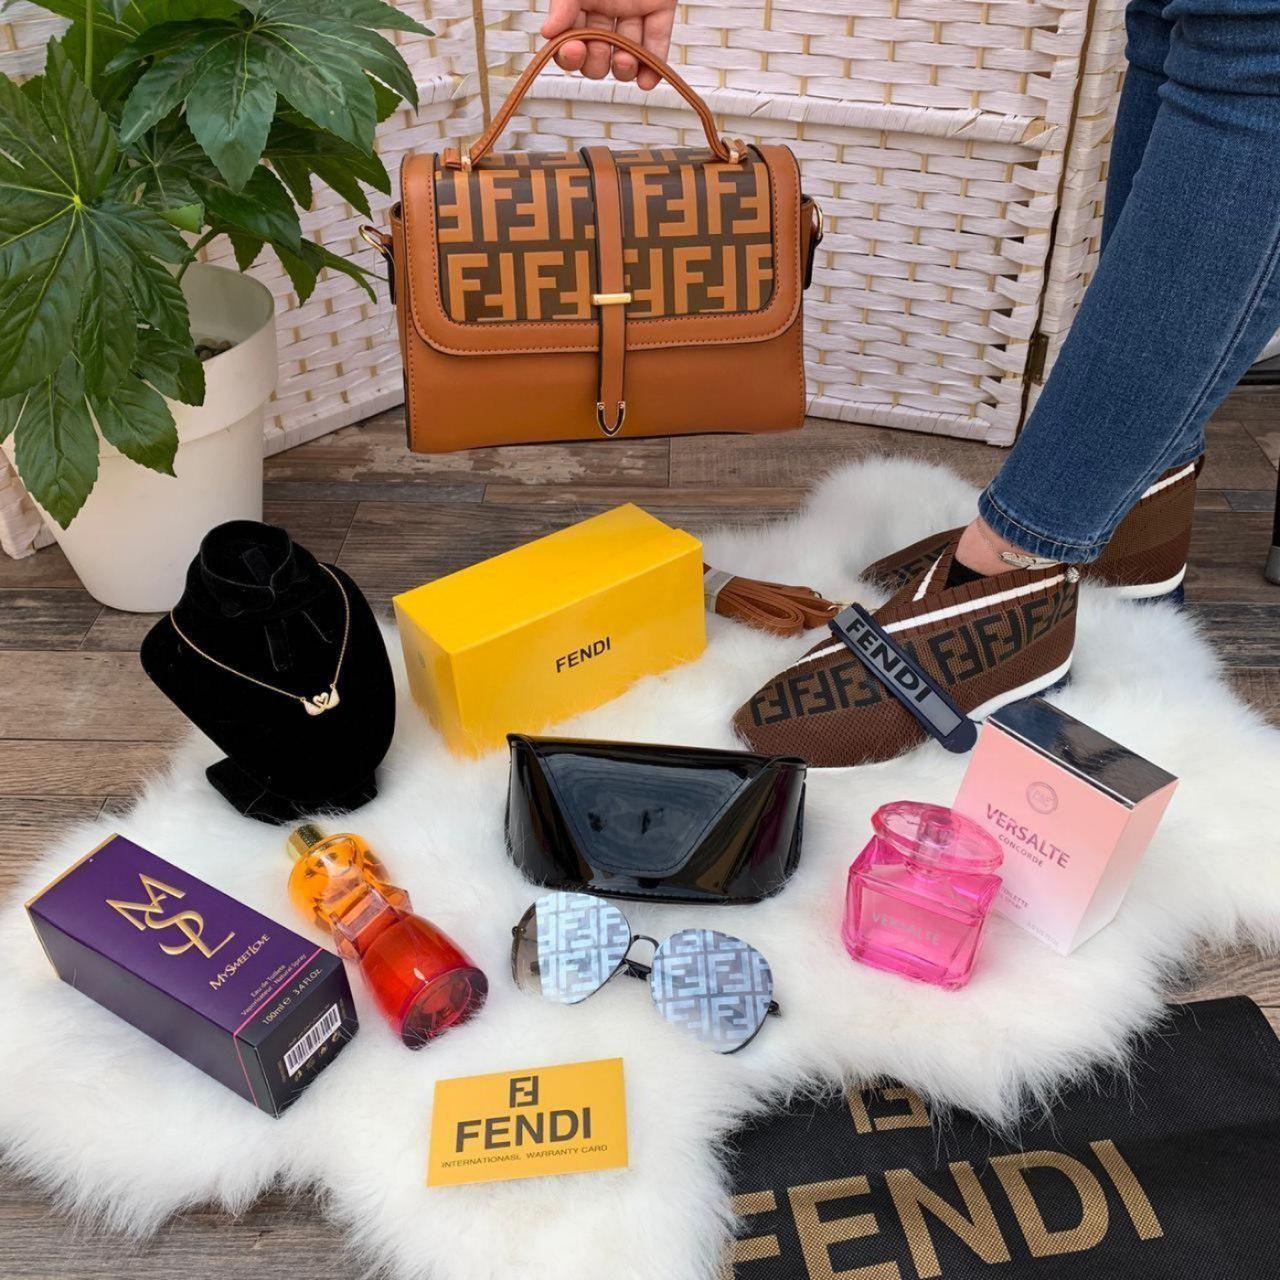 شنط فندي نسائيه Fendi مع نظاره و شوز فندي وسلسال سوارو فسكي بعلبتها Fendi Sunglasses Case Feni